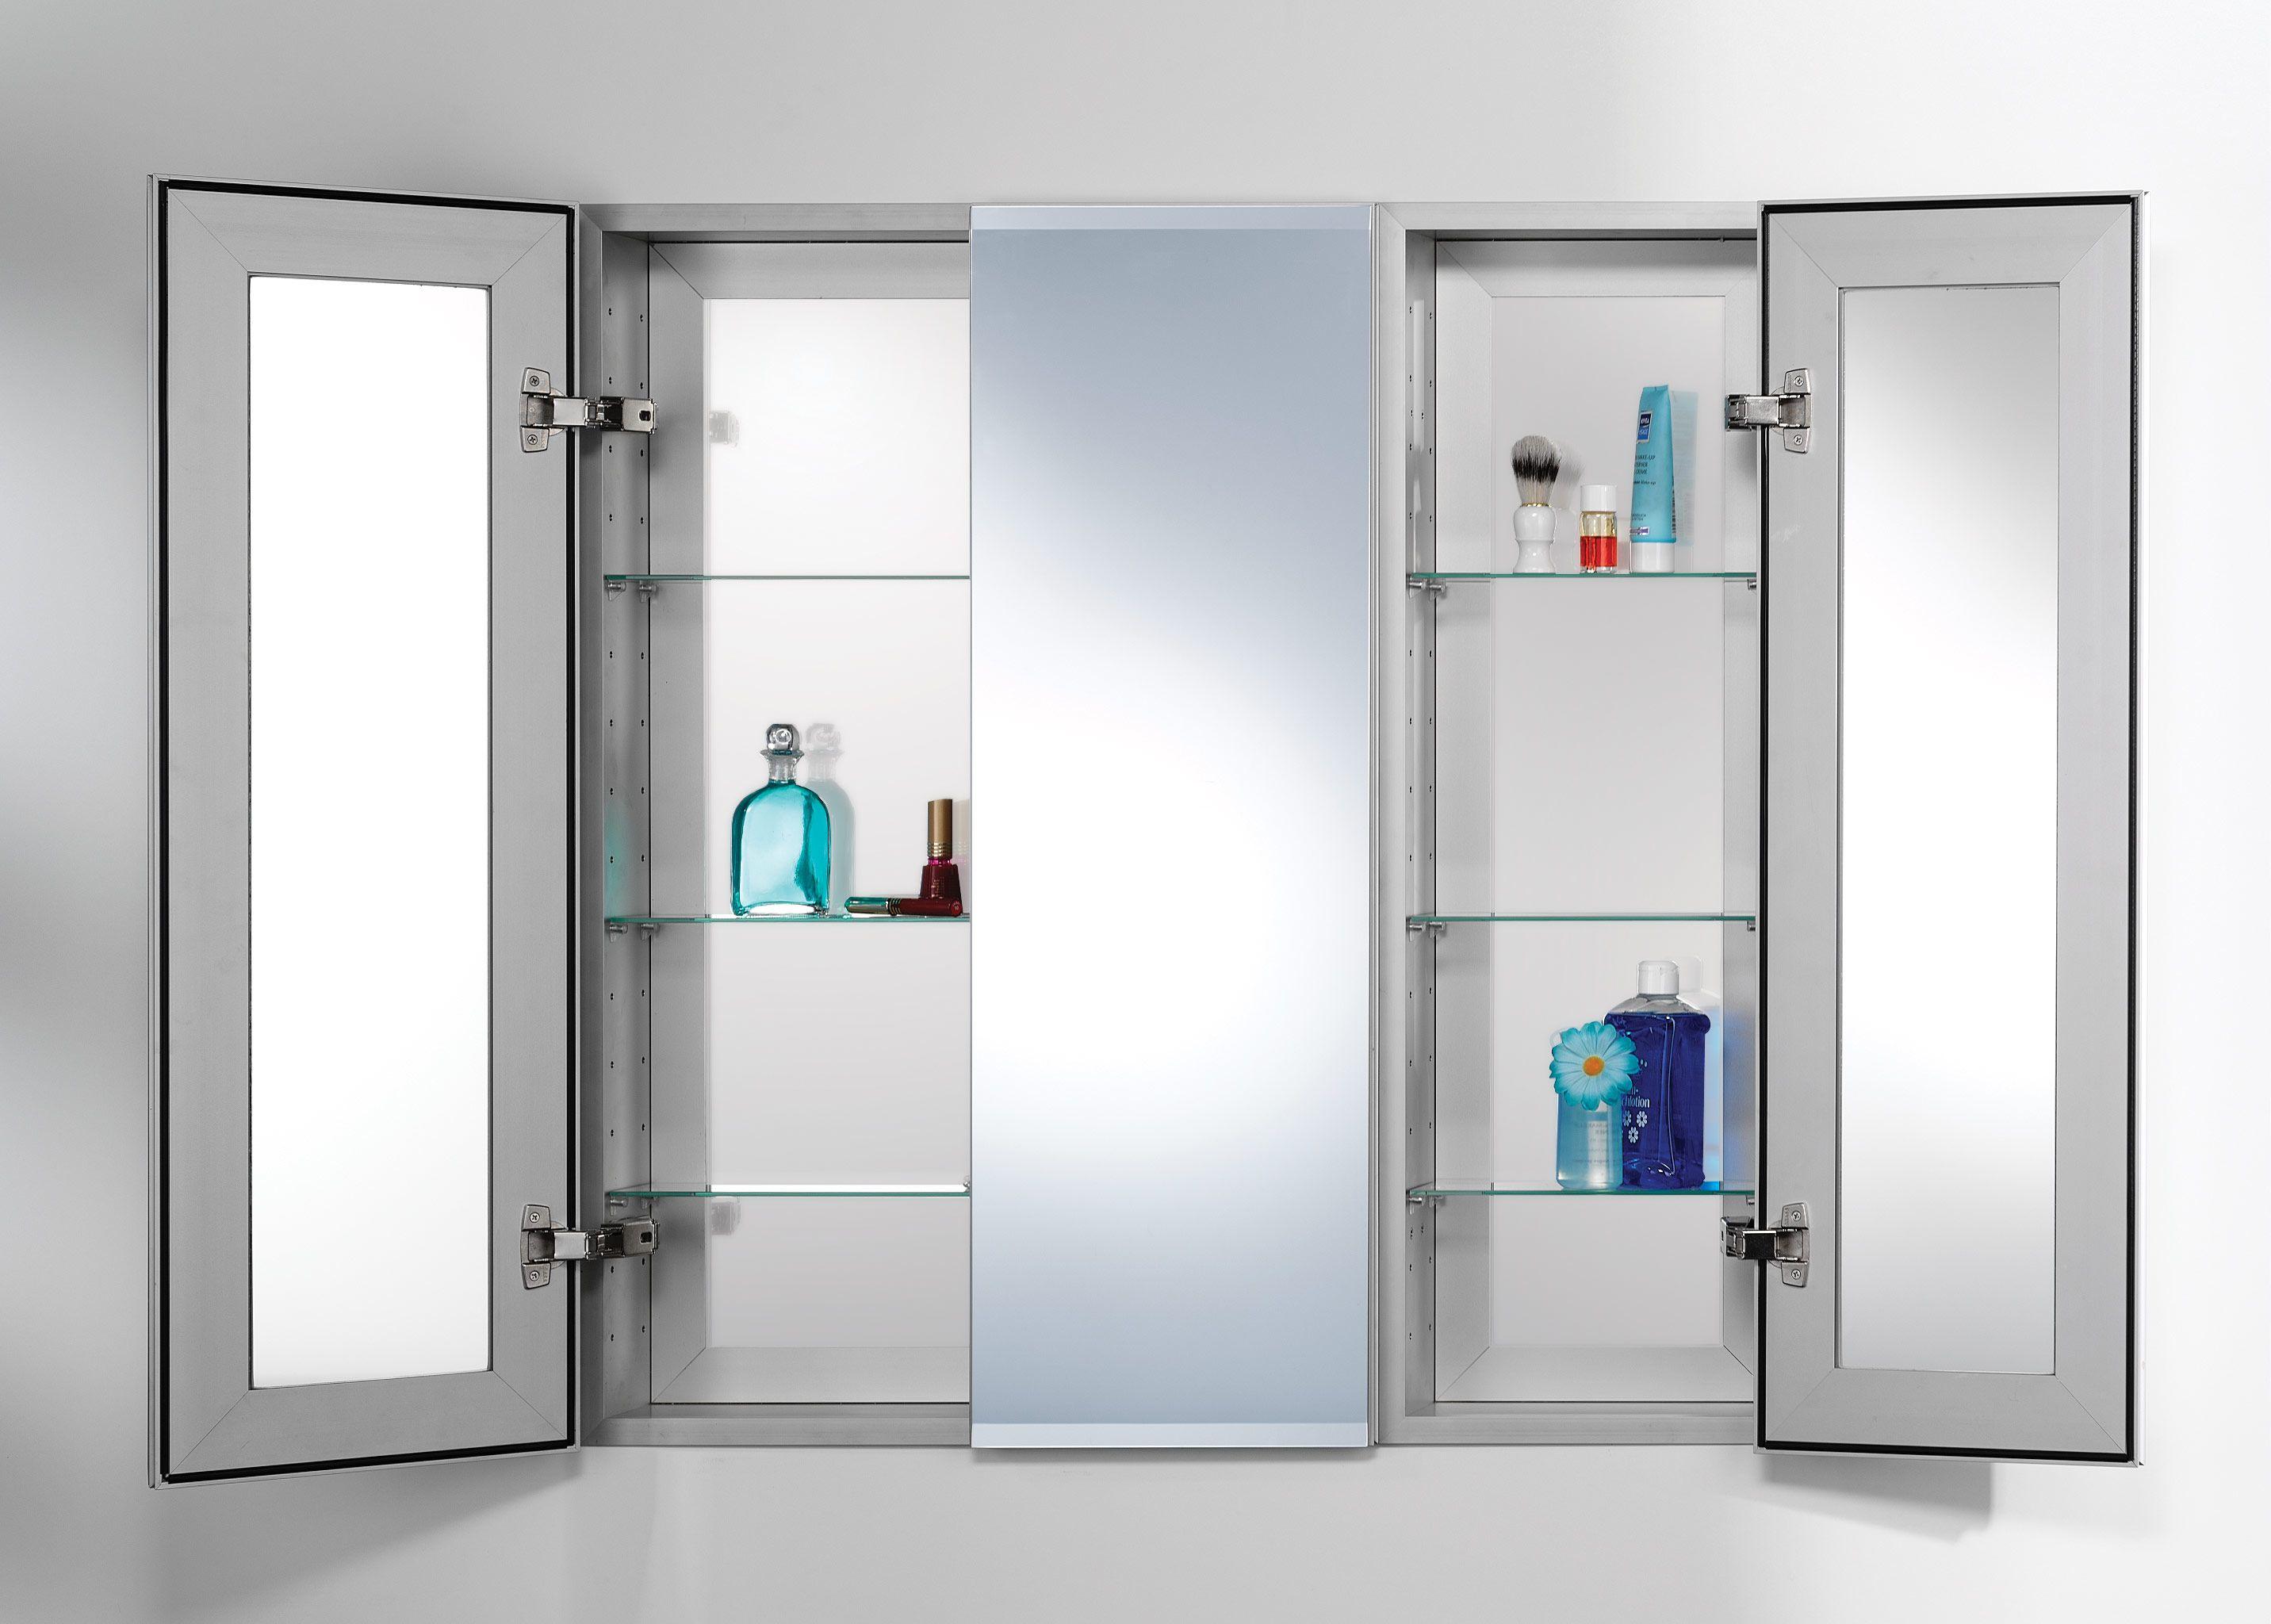 Badezimmer Schrank Mit Beleuchtung Badezimmer Schrank Mit